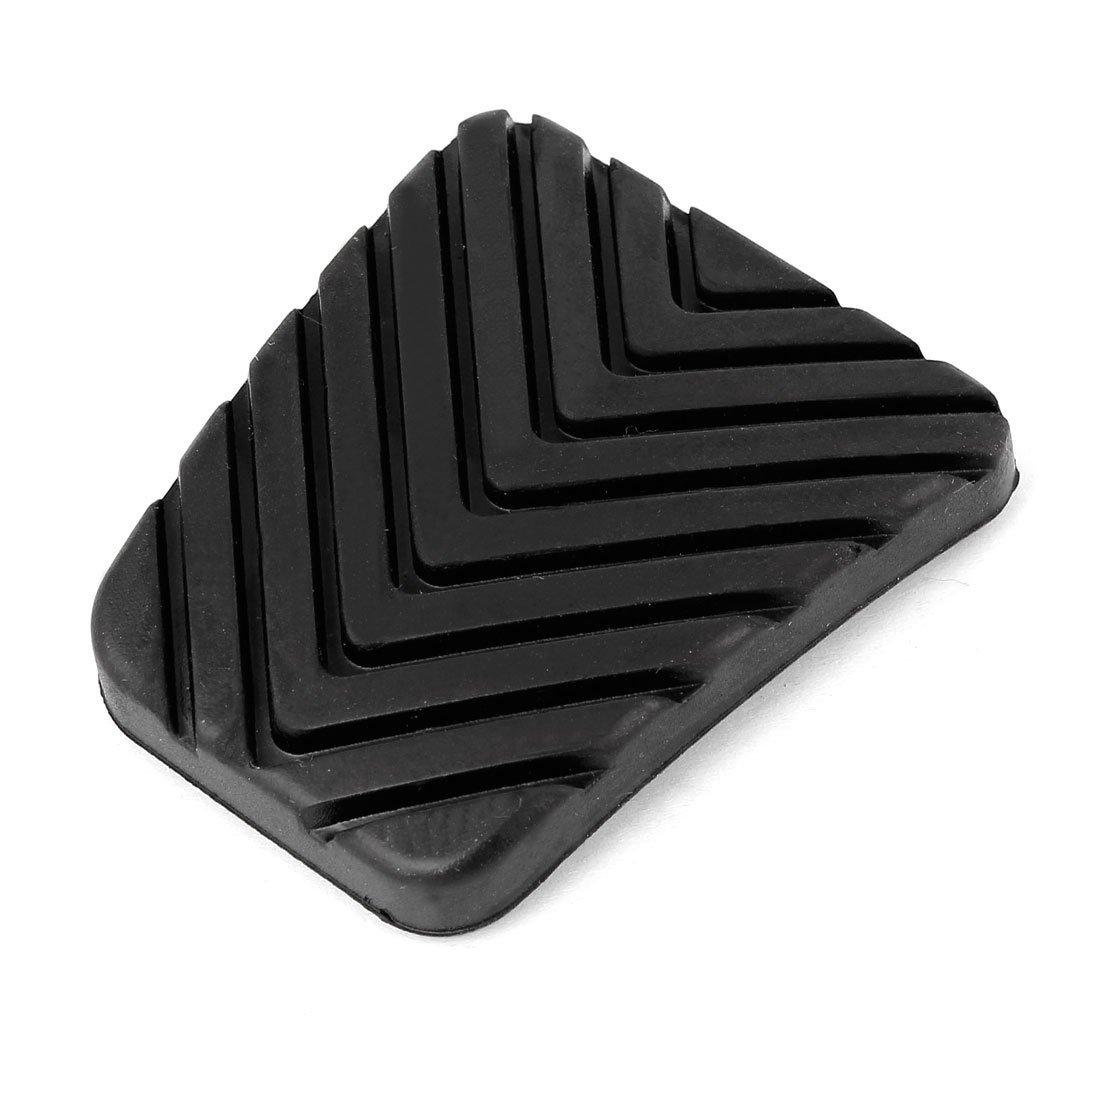 Negro de goma del pedal de embrague del freno del cojín 32825-36000 de Hyundai: Amazon.es: Coche y moto